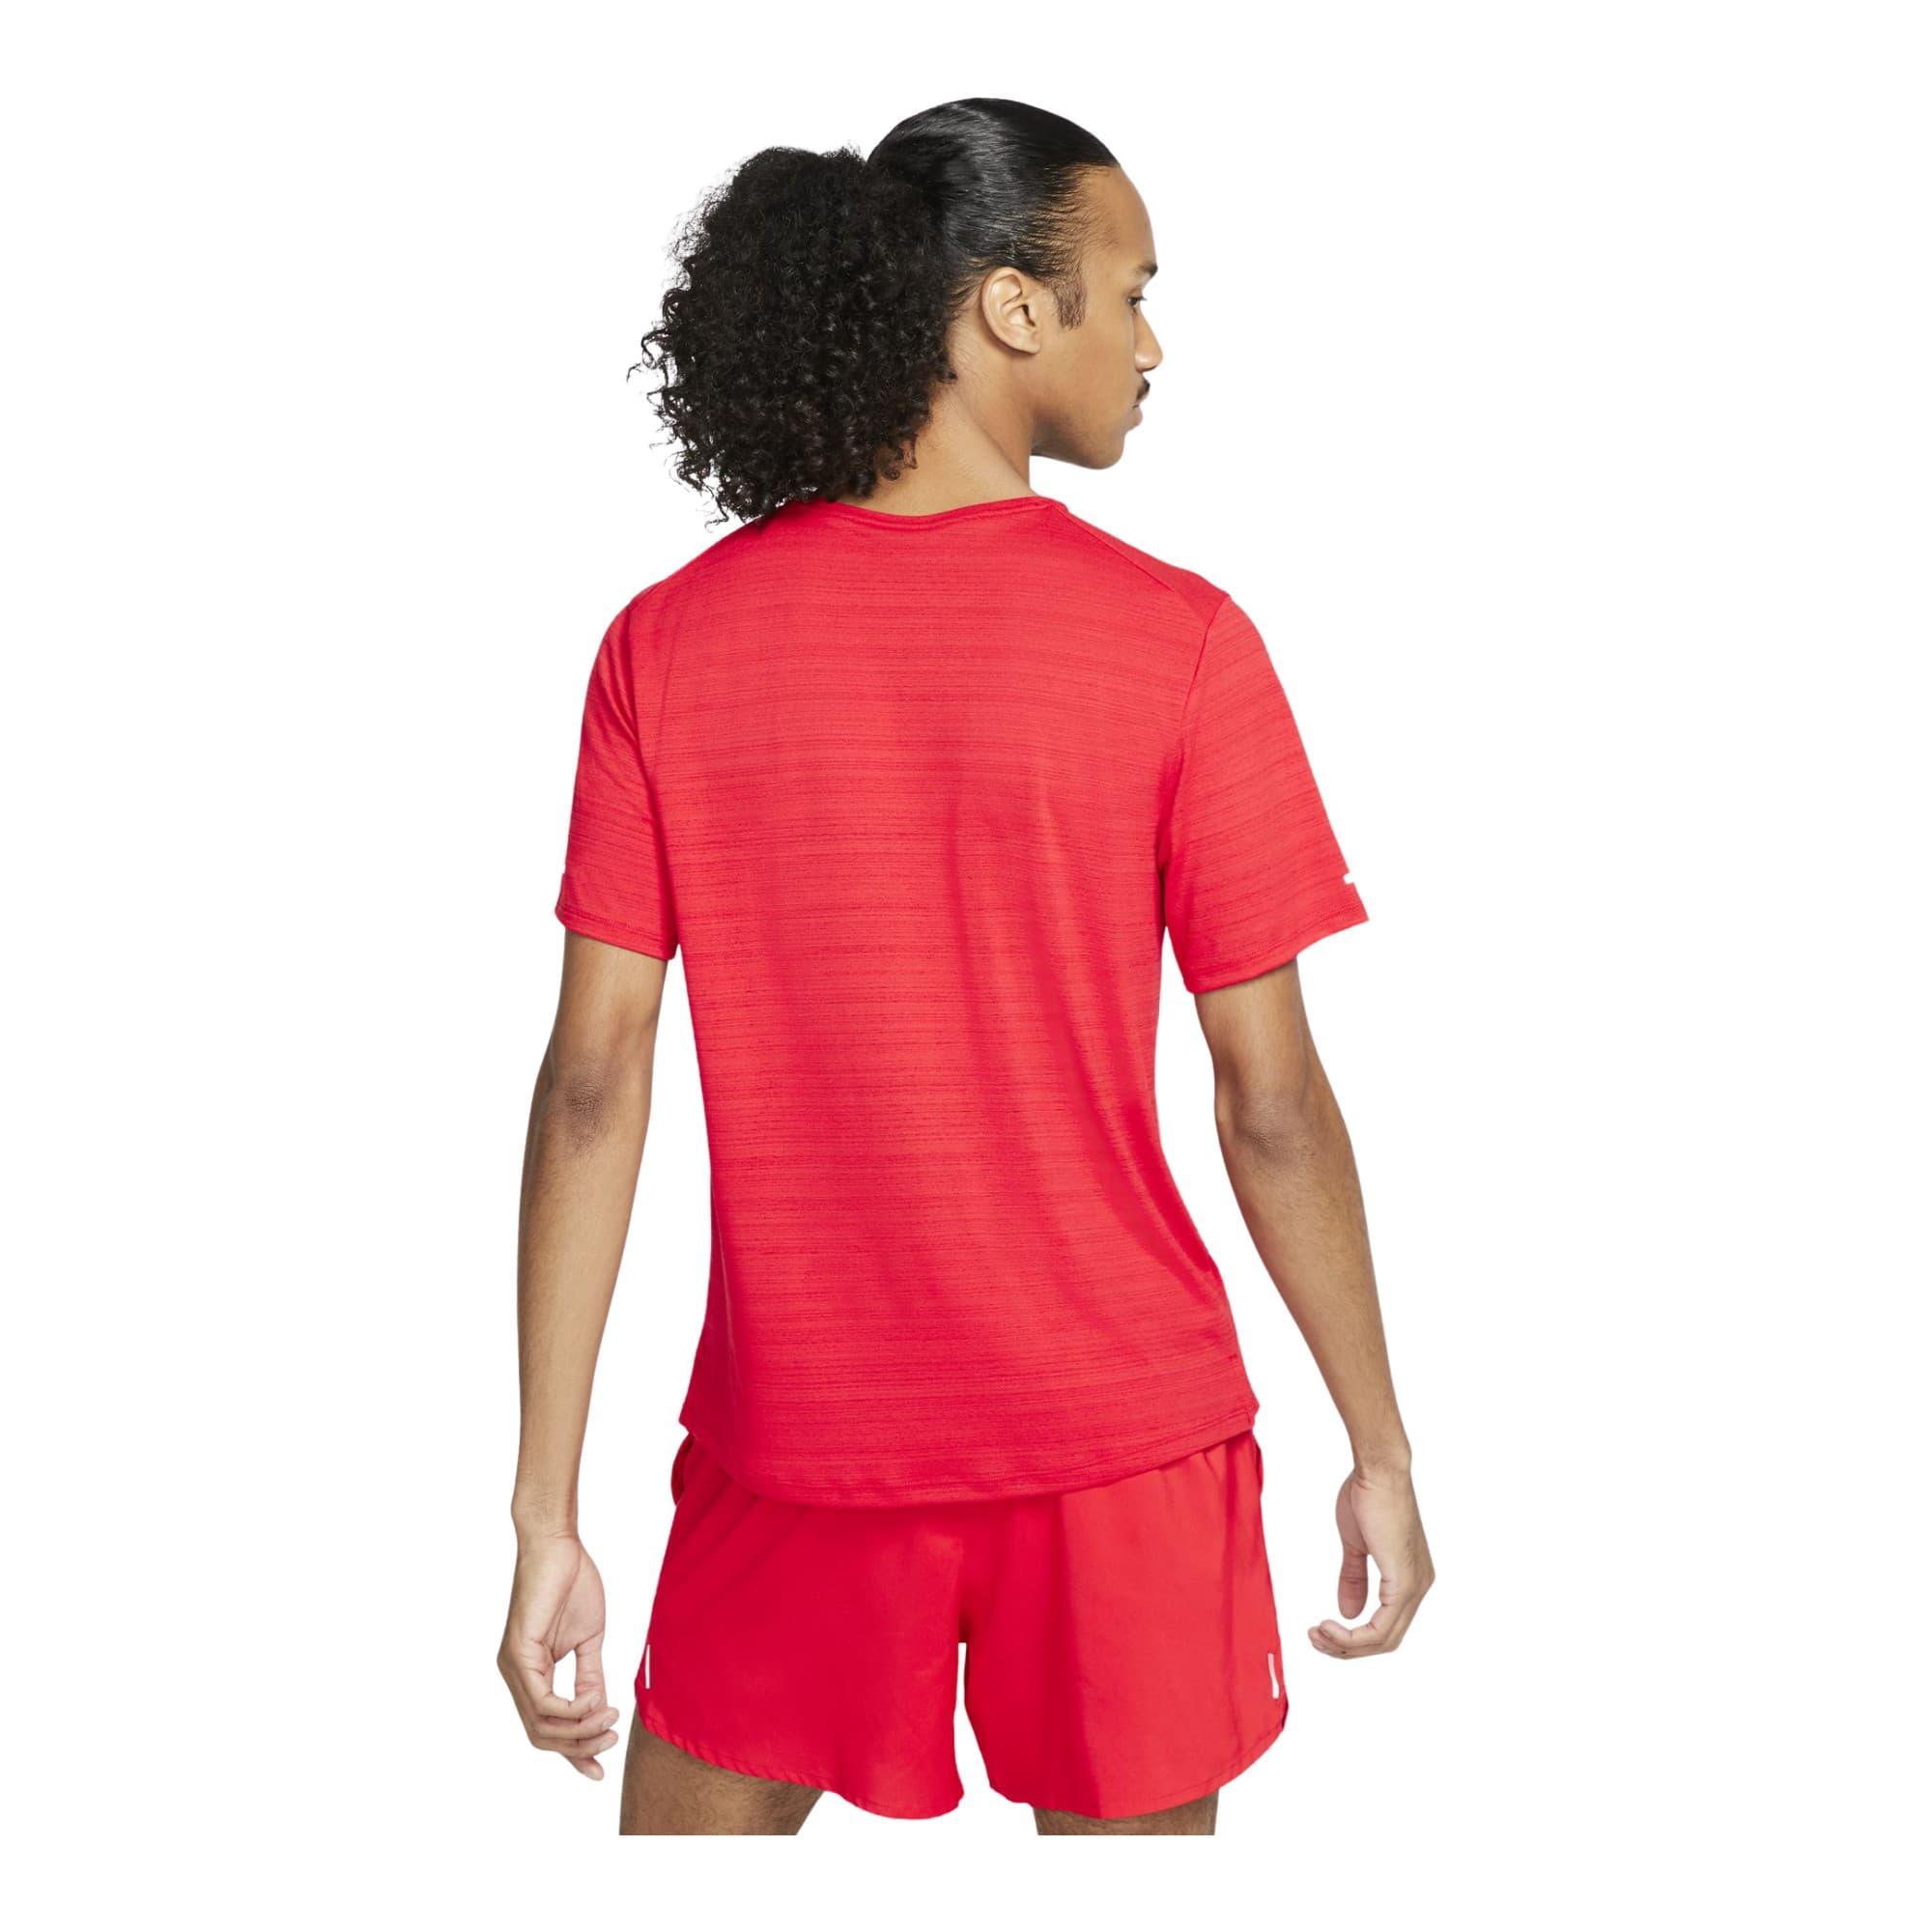 Dri-FIT Miler Erkek Kırmızı Koşu Tişörtü (CU5992-657)